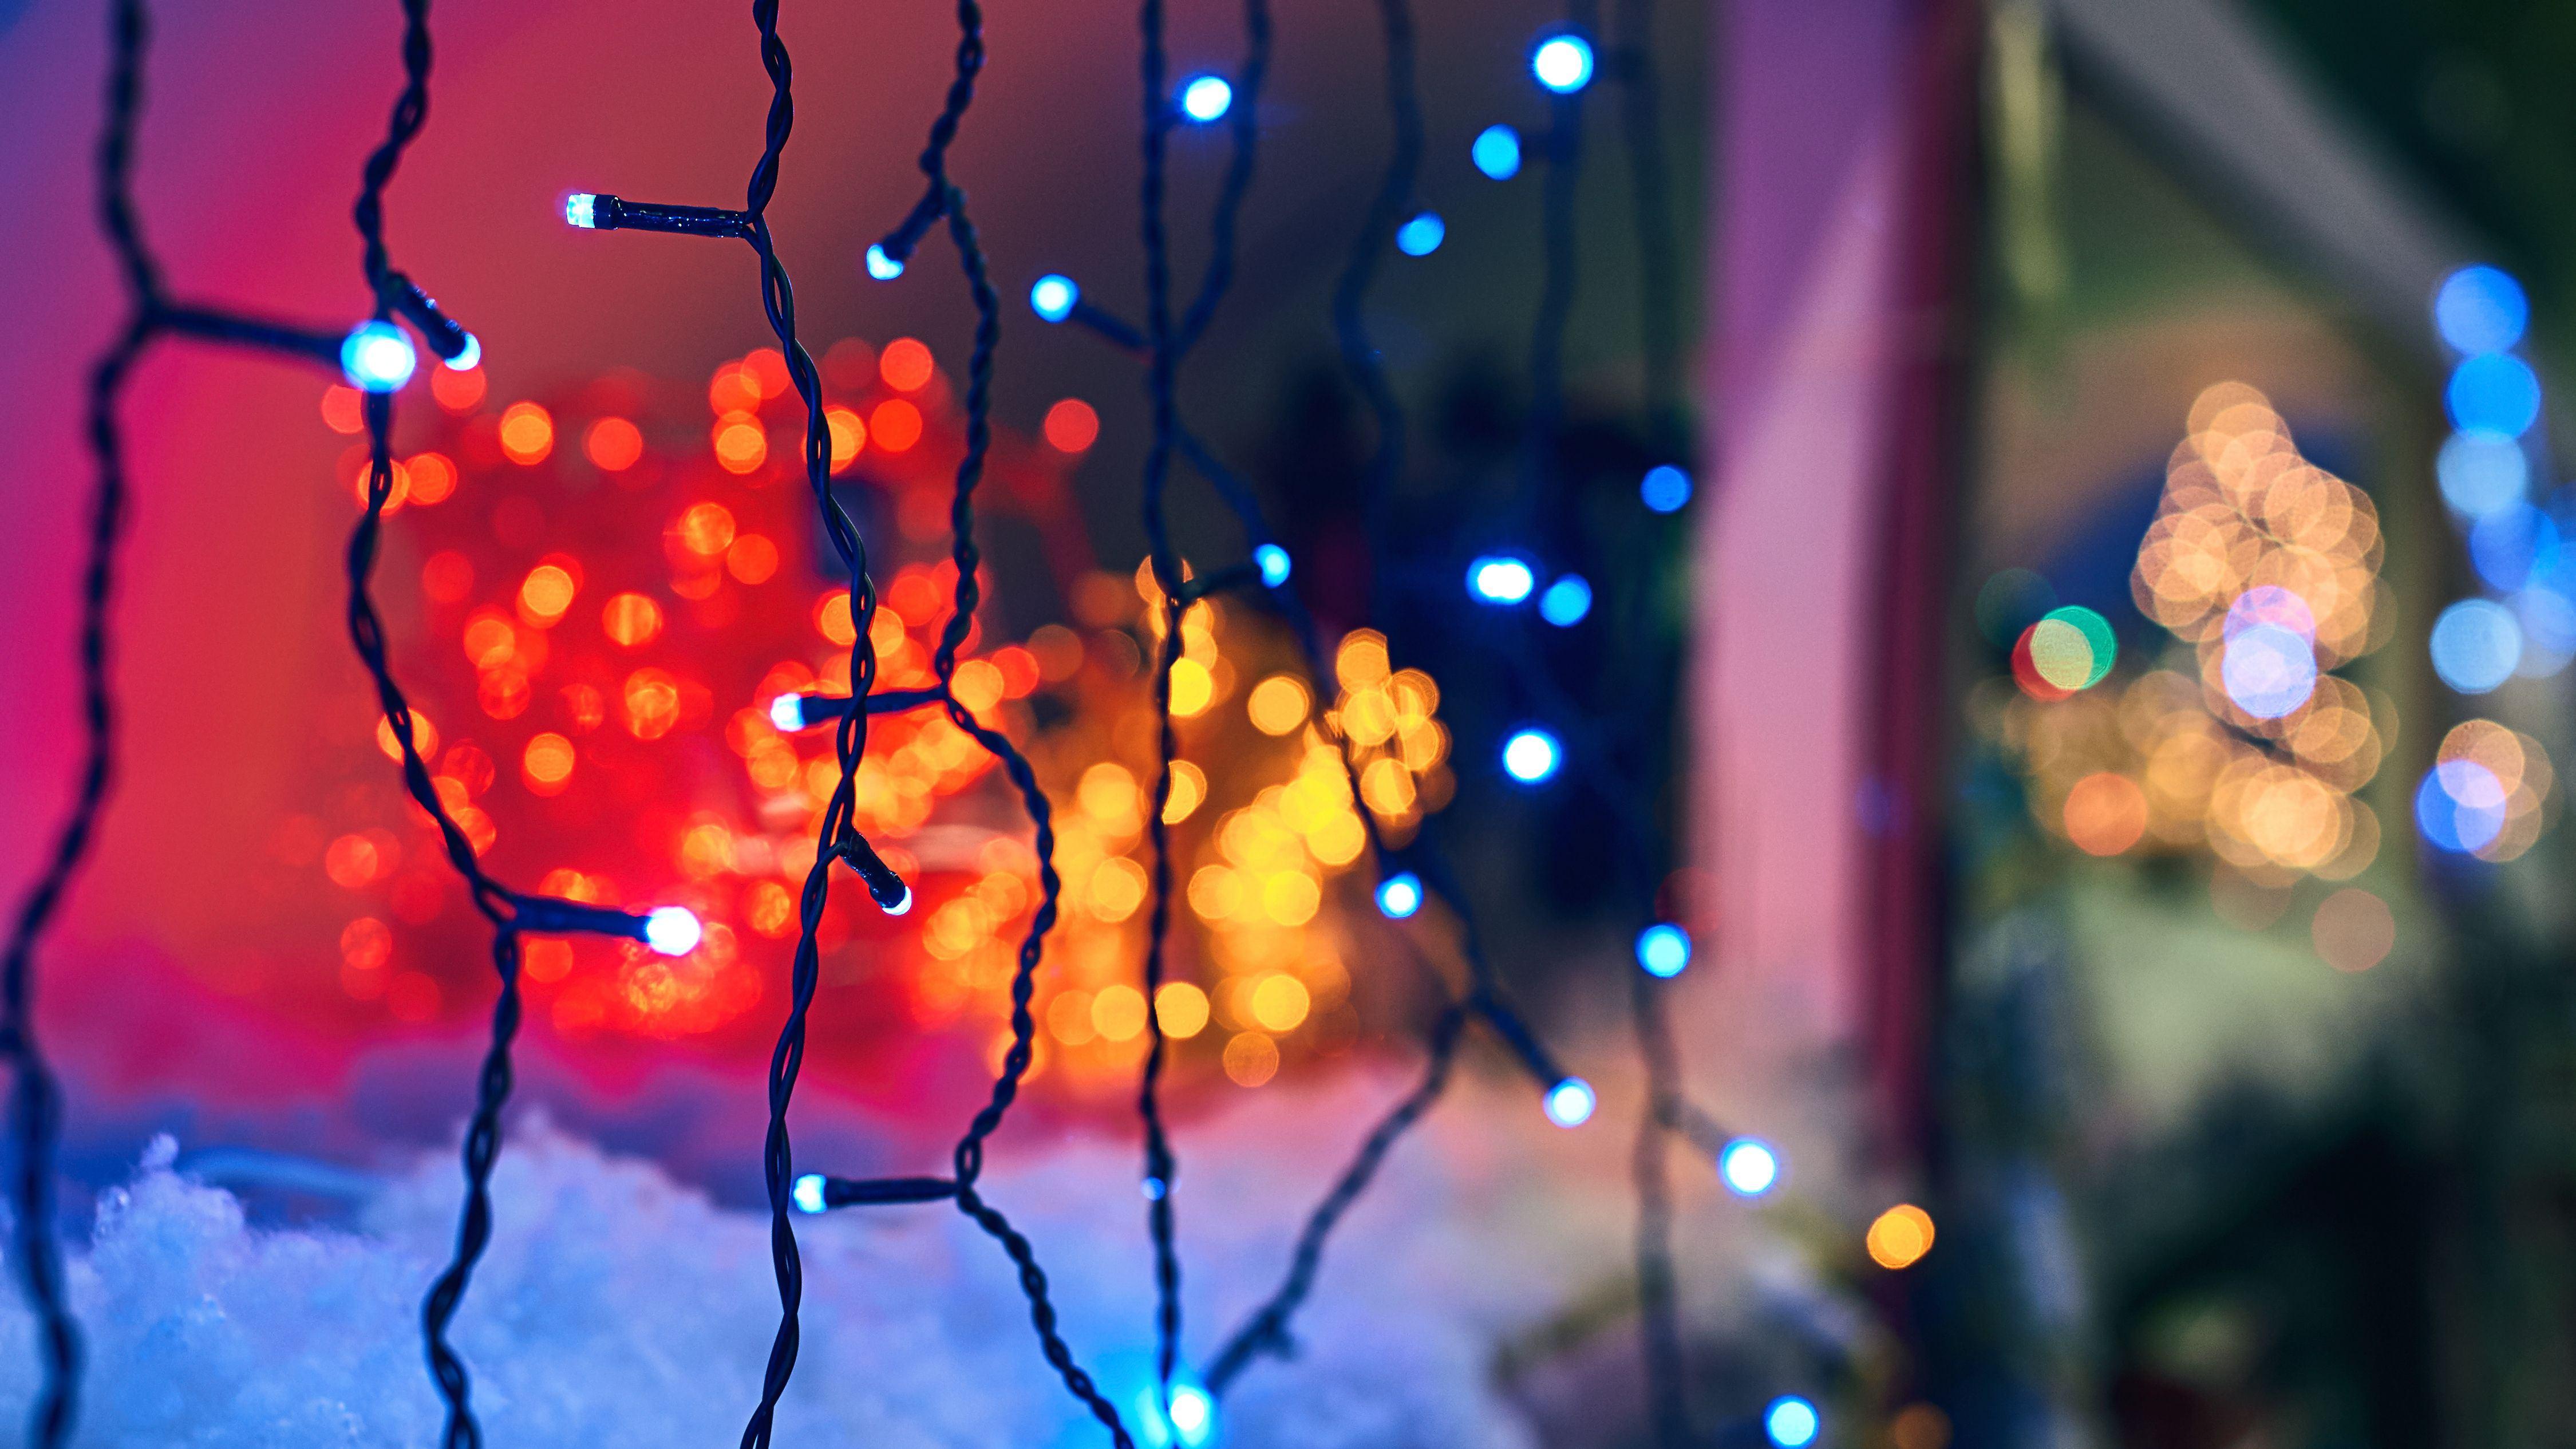 ¿Cómo elegir guirnaldas luminosas para decoraciones navideñas?